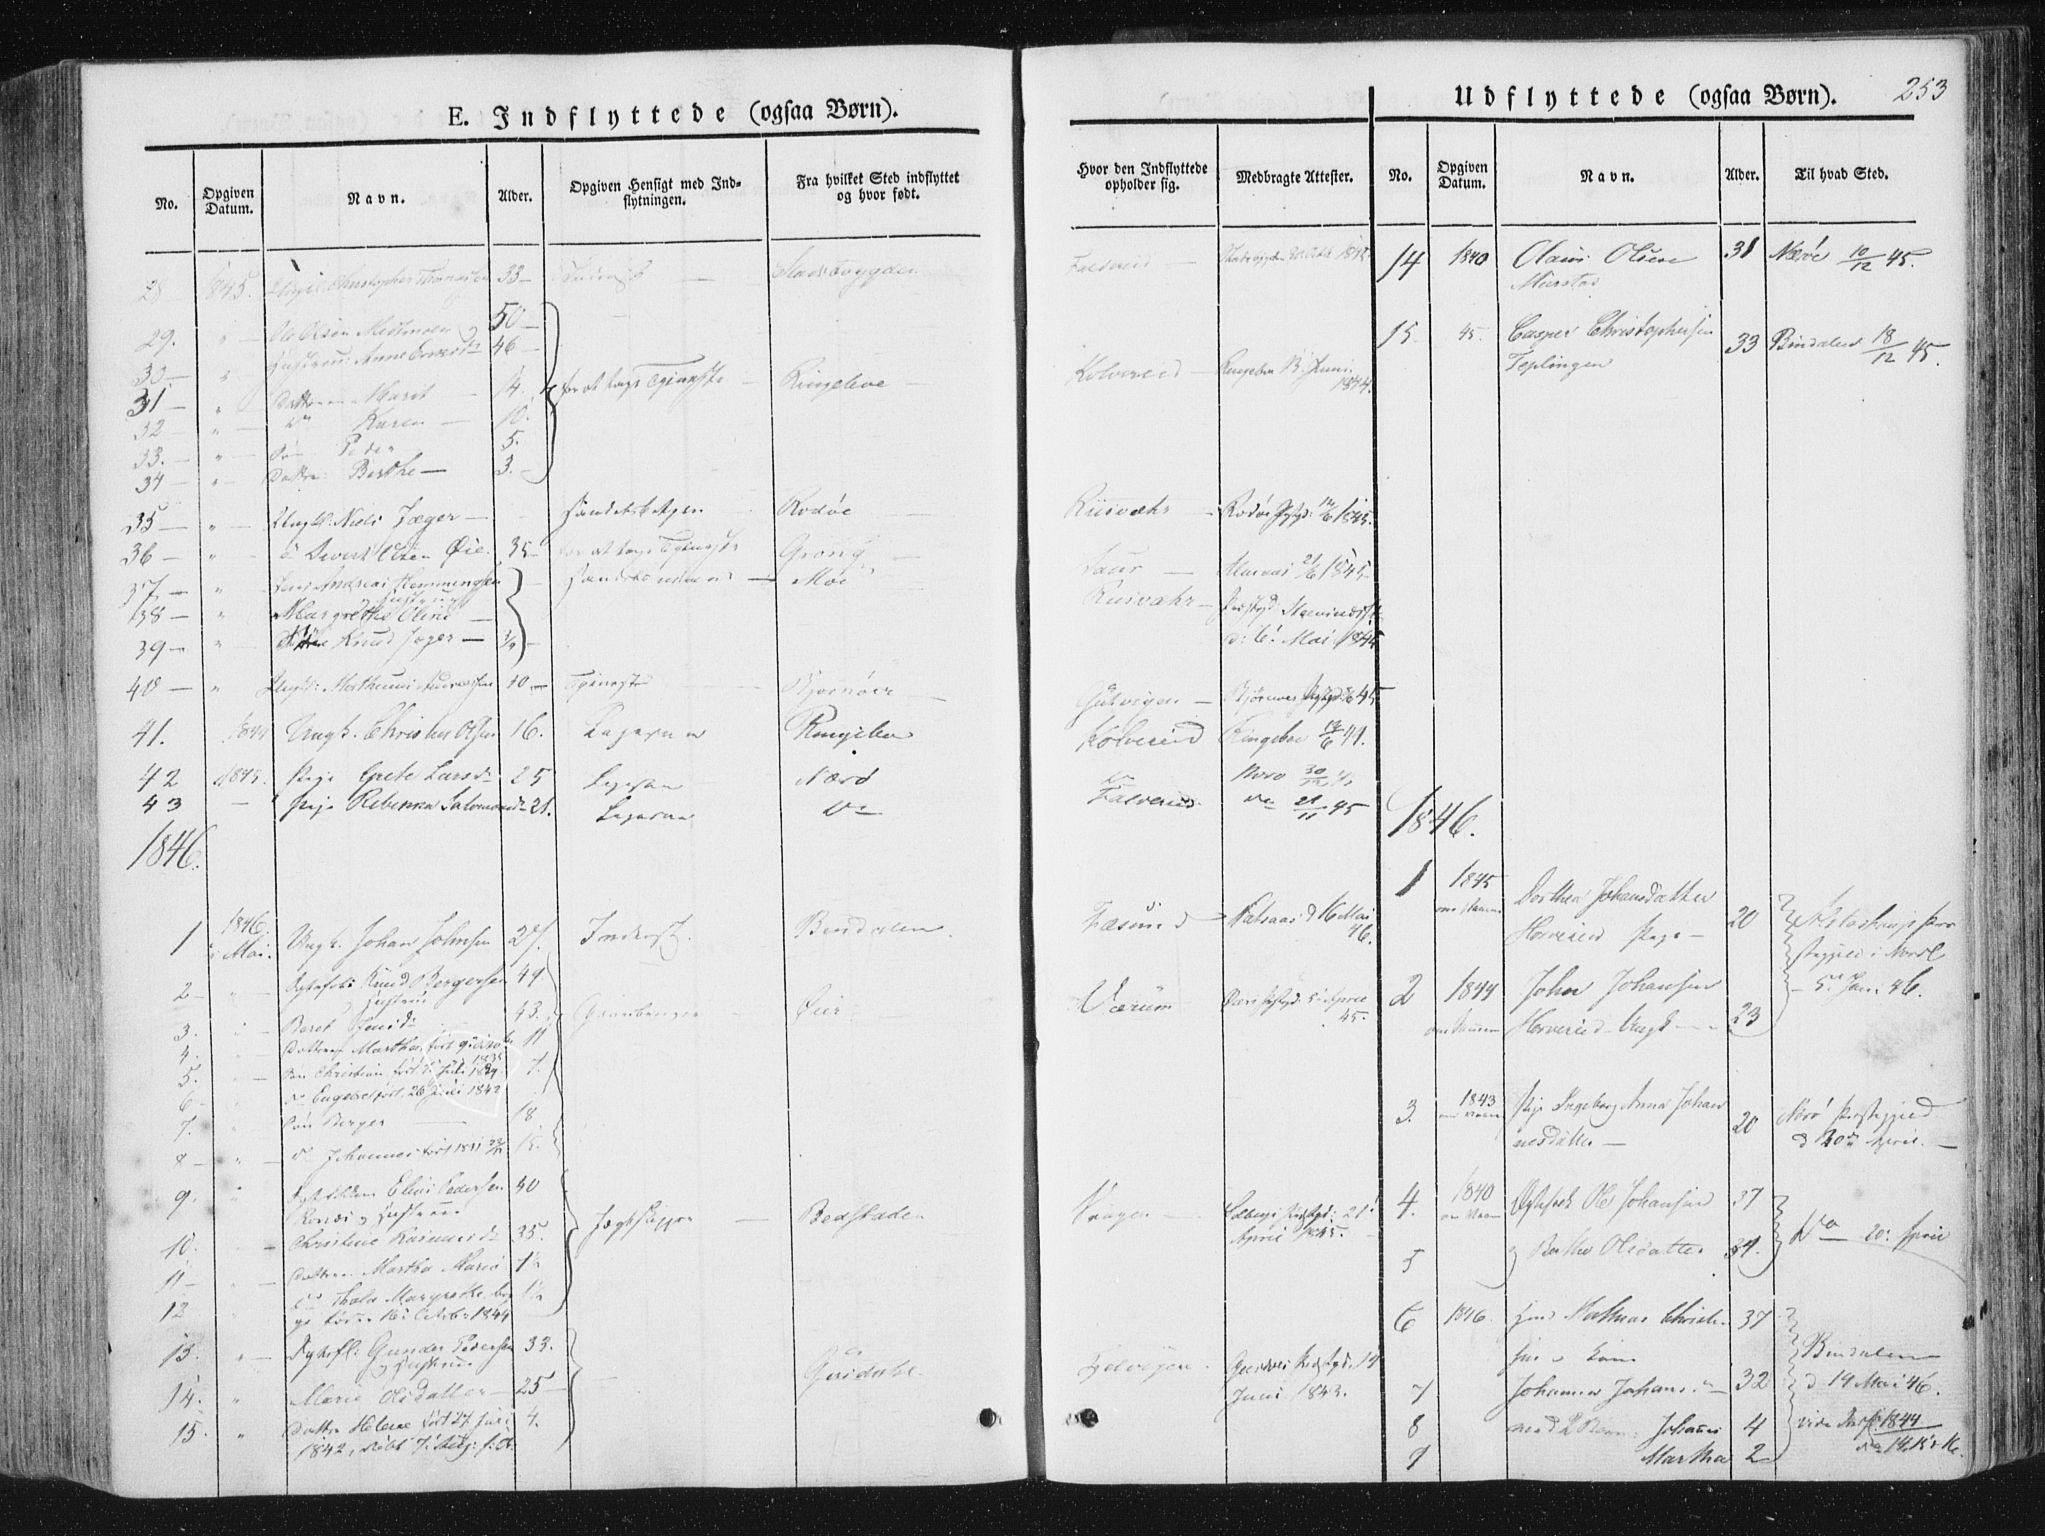 SAT, Ministerialprotokoller, klokkerbøker og fødselsregistre - Nord-Trøndelag, 780/L0640: Ministerialbok nr. 780A05, 1845-1856, s. 253